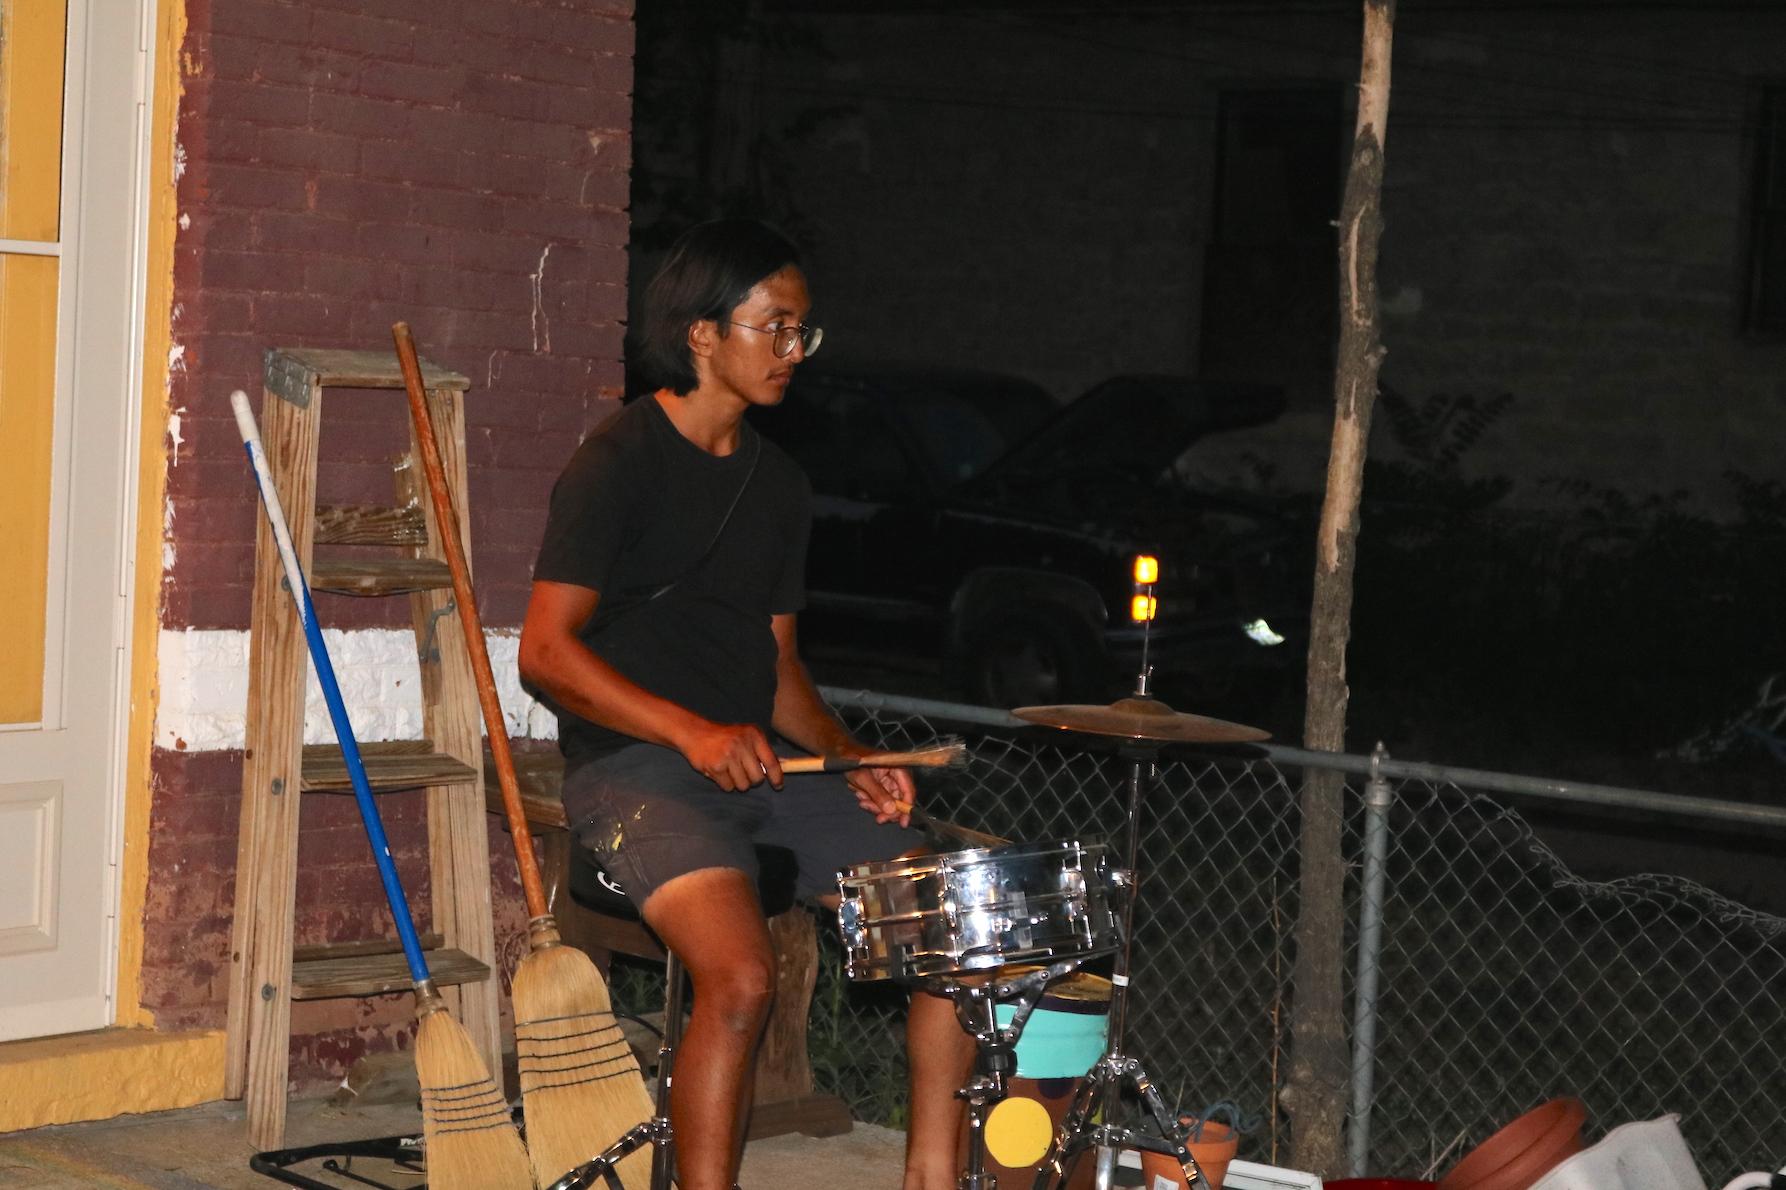 backyard activities music jam pueblo house karl ing from atlanta